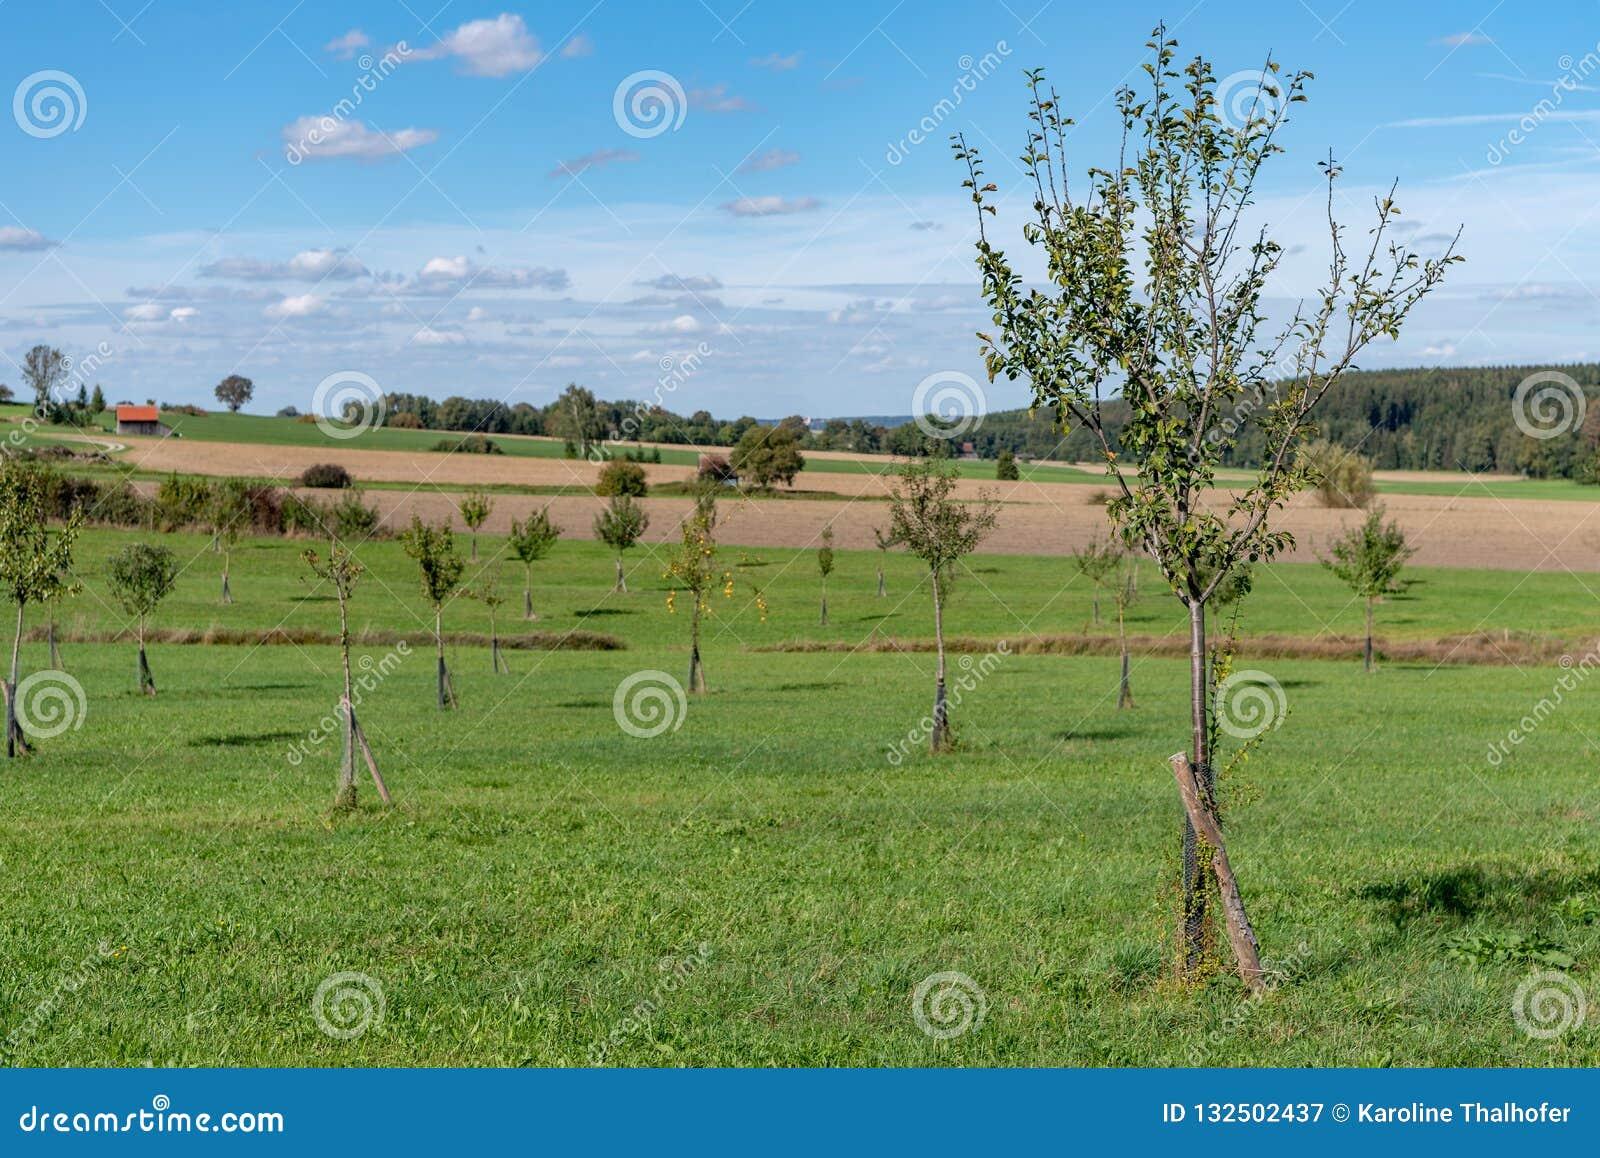 Junge Obstgartenwiese vor blauem Himmel auf Herbst